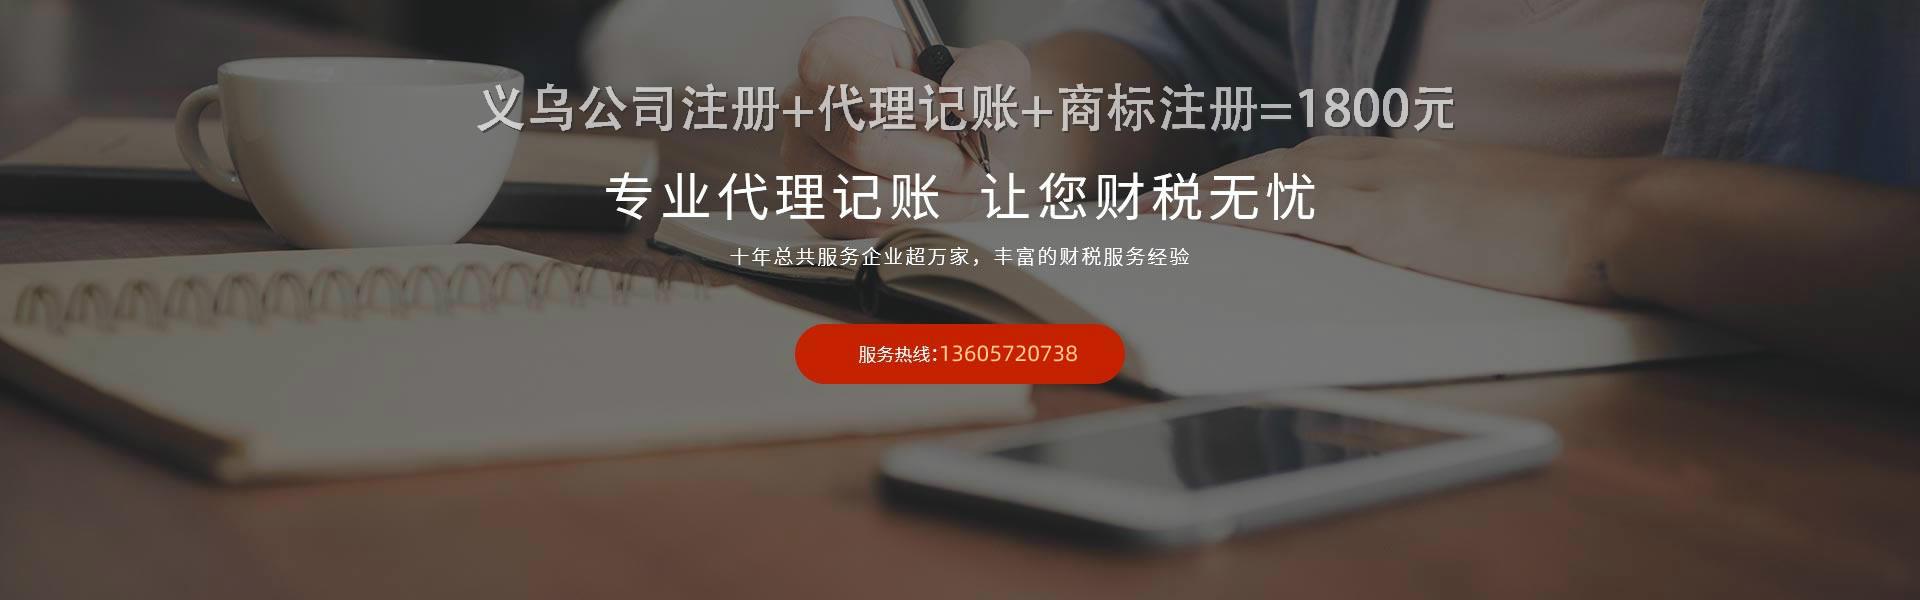 义乌公司注册